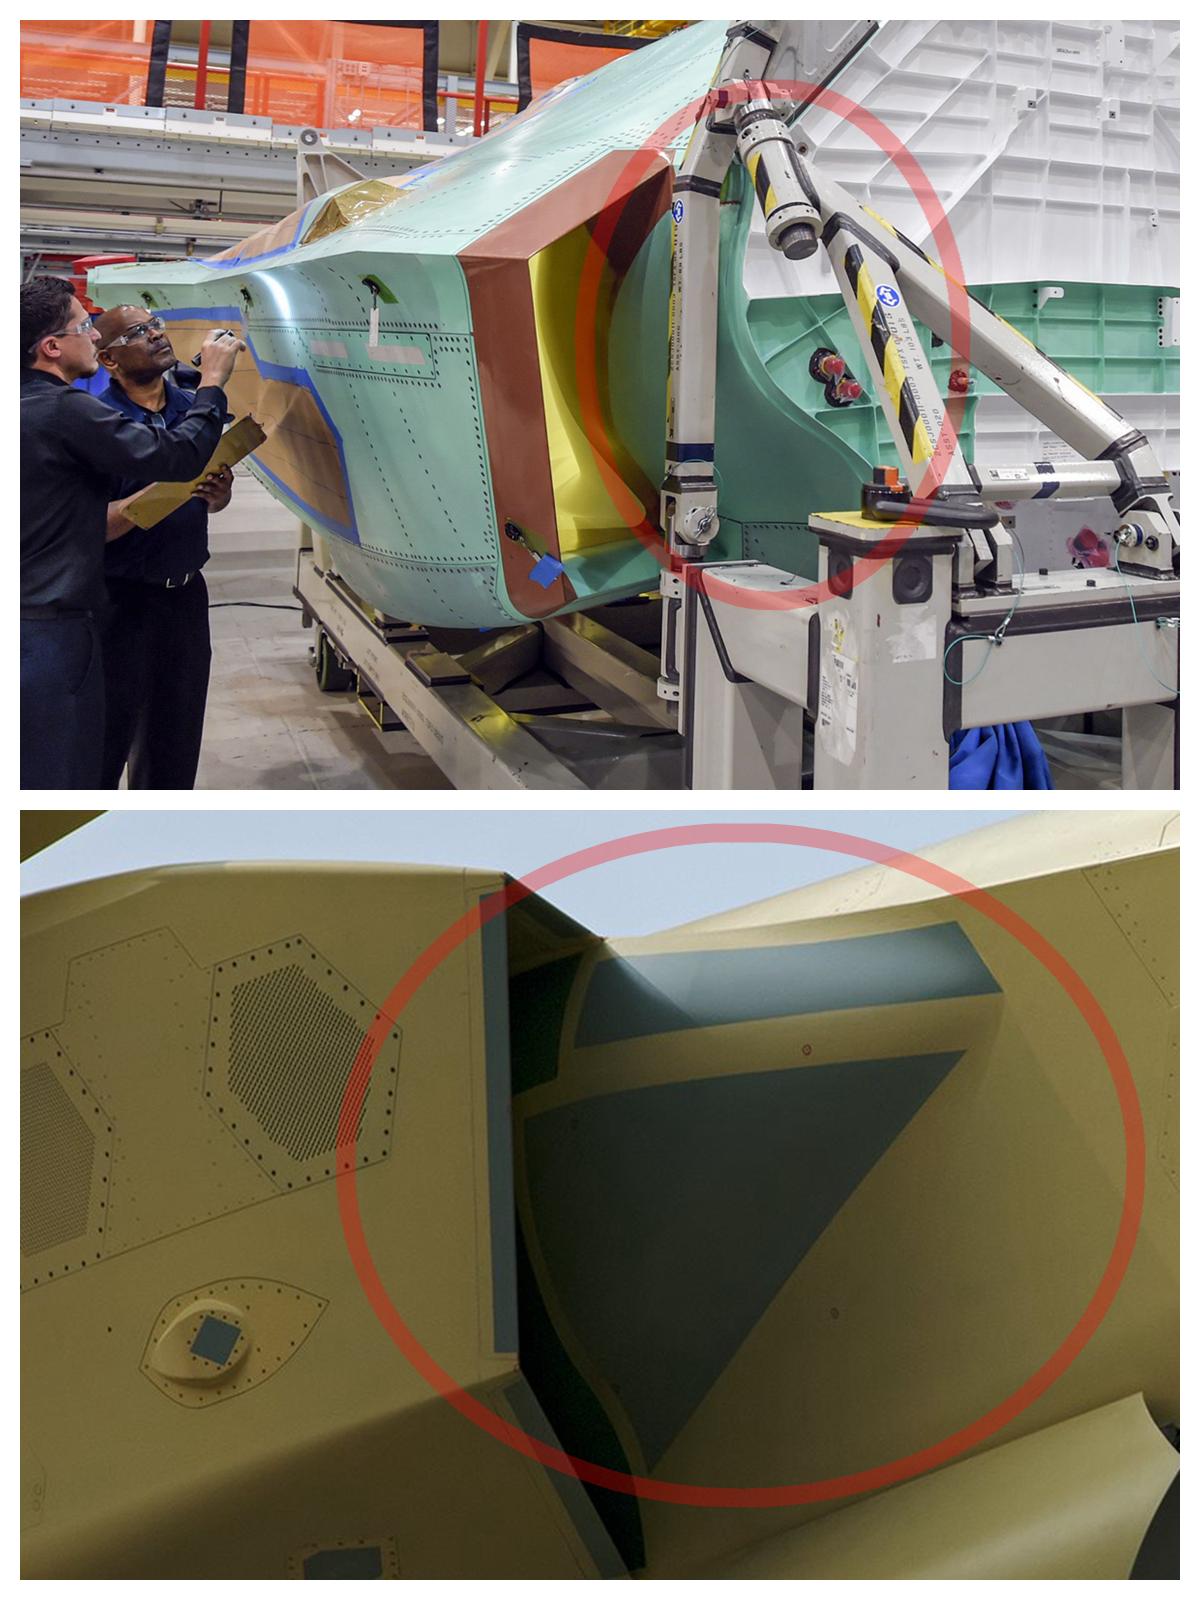 歼20隐身细节曝光 工艺水平超苏57与F22相当